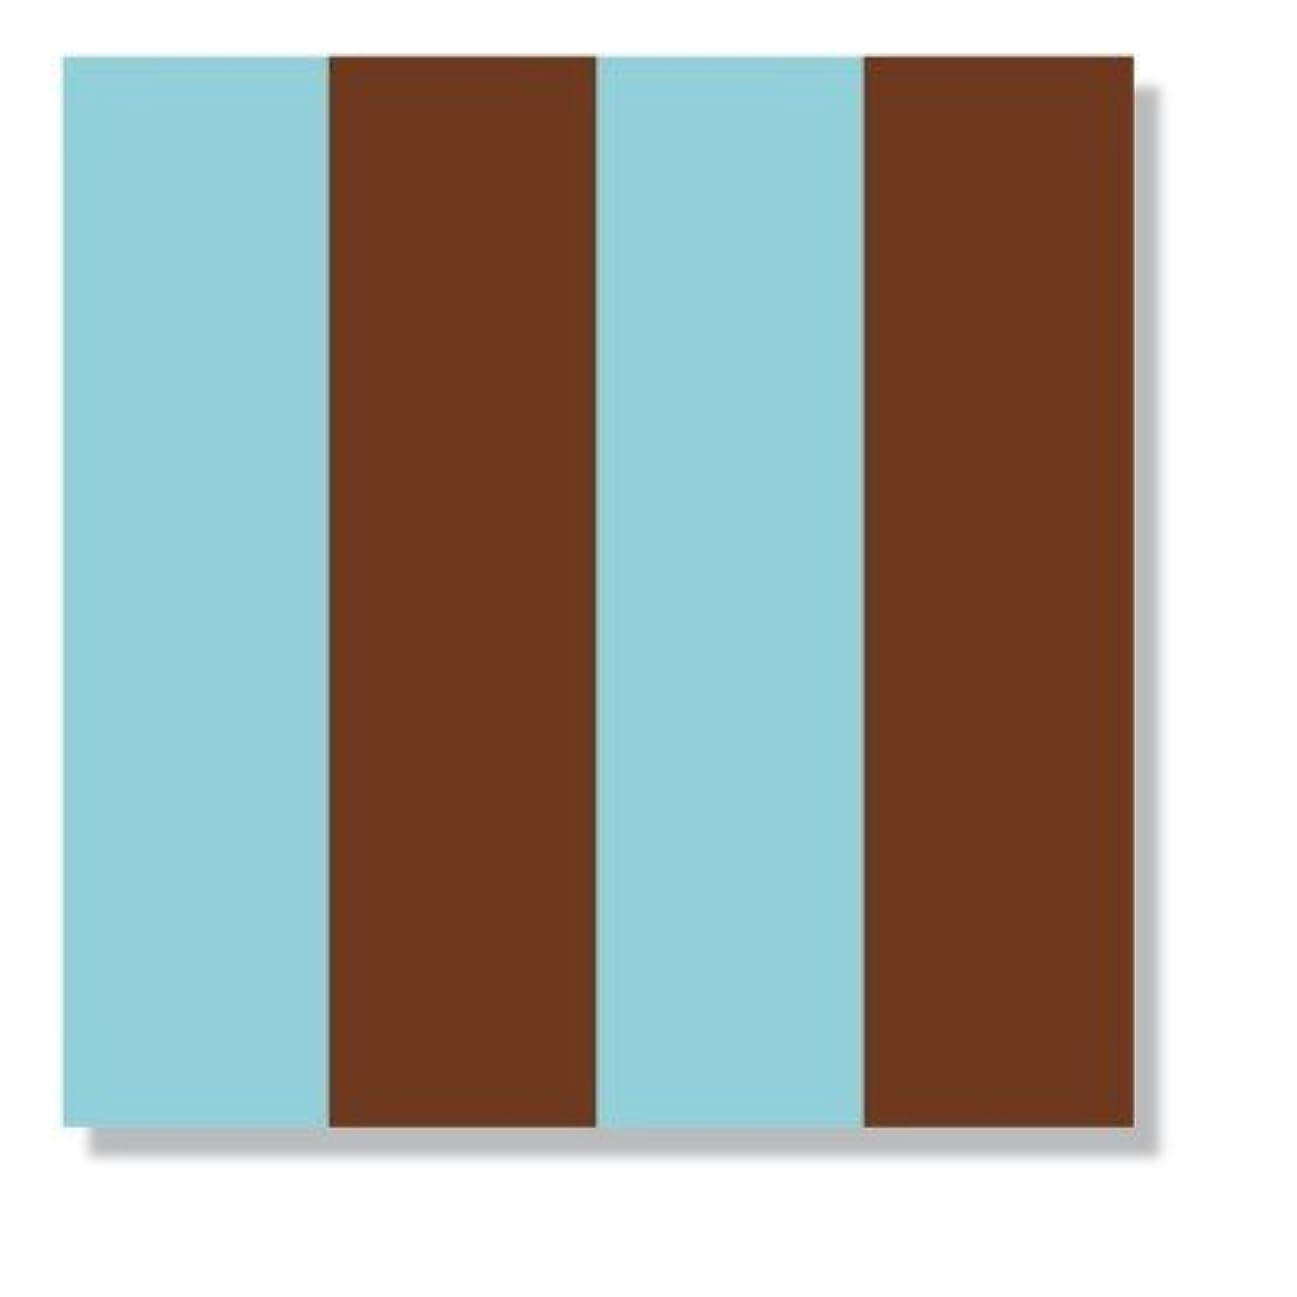 バラバラにする戦う覚醒リメンバー ペーパーナプキン20枚入り SE21 Blue & Brown